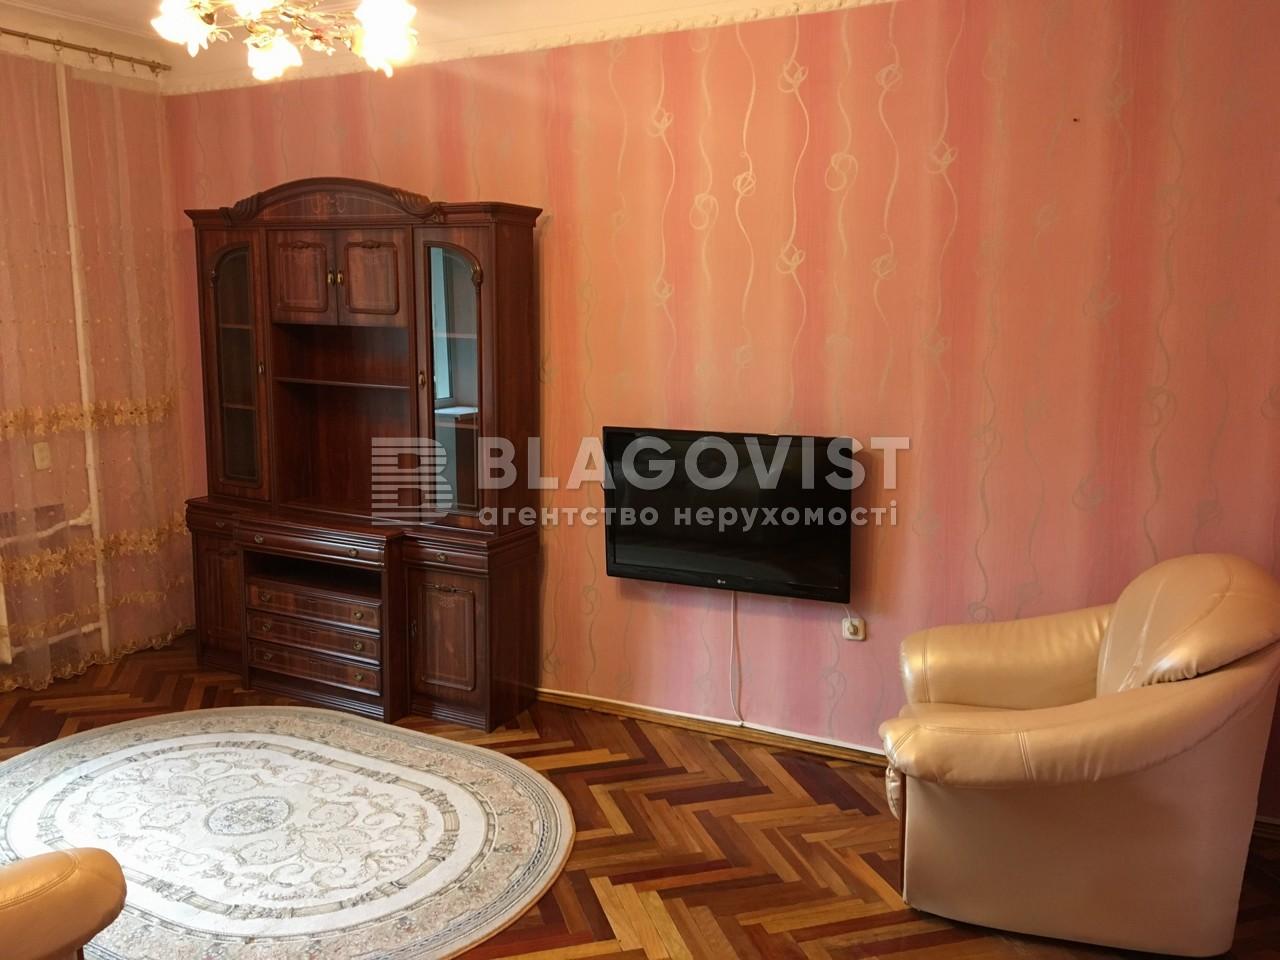 Квартира C-76823, Тютюнника Василия (Барбюса Анри), 5, Киев - Фото 6